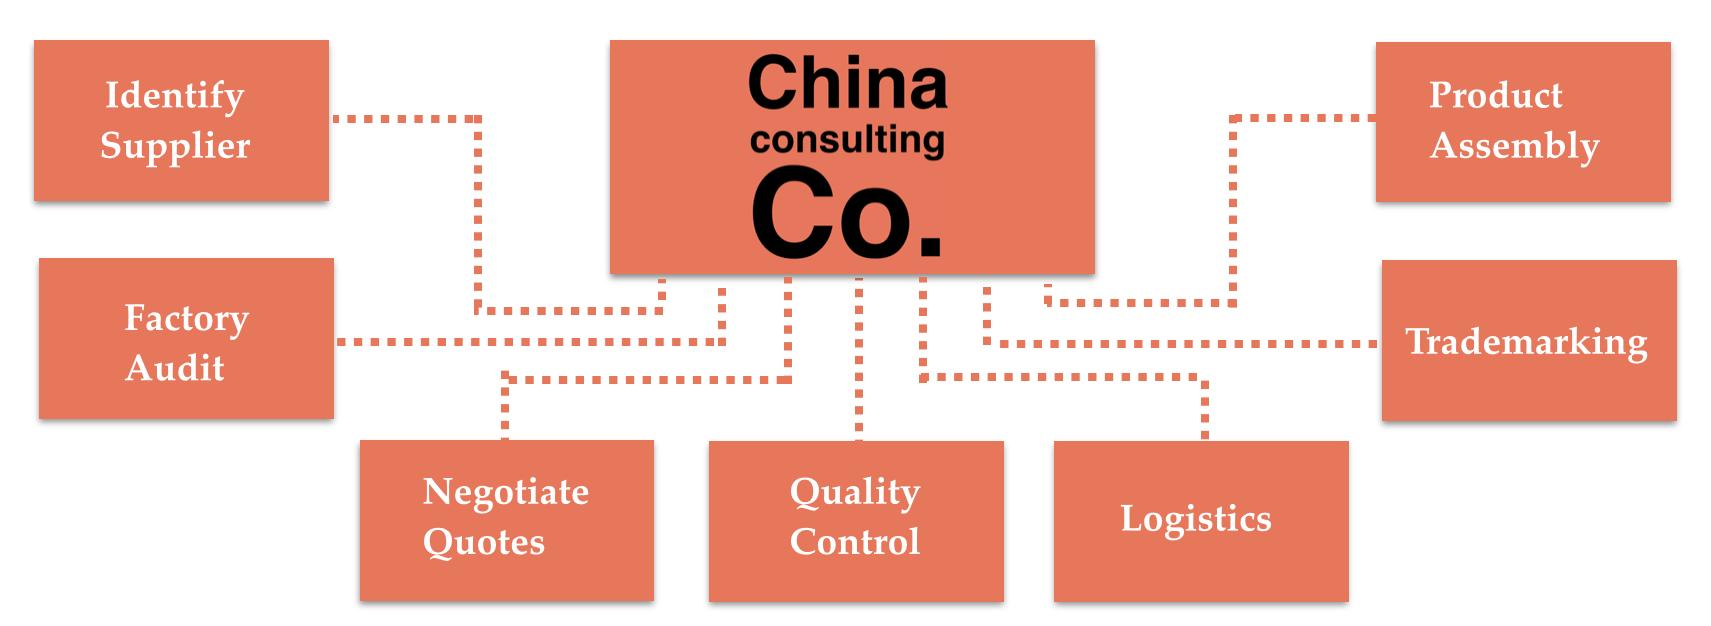 ccc.landingpage.diagram.v2